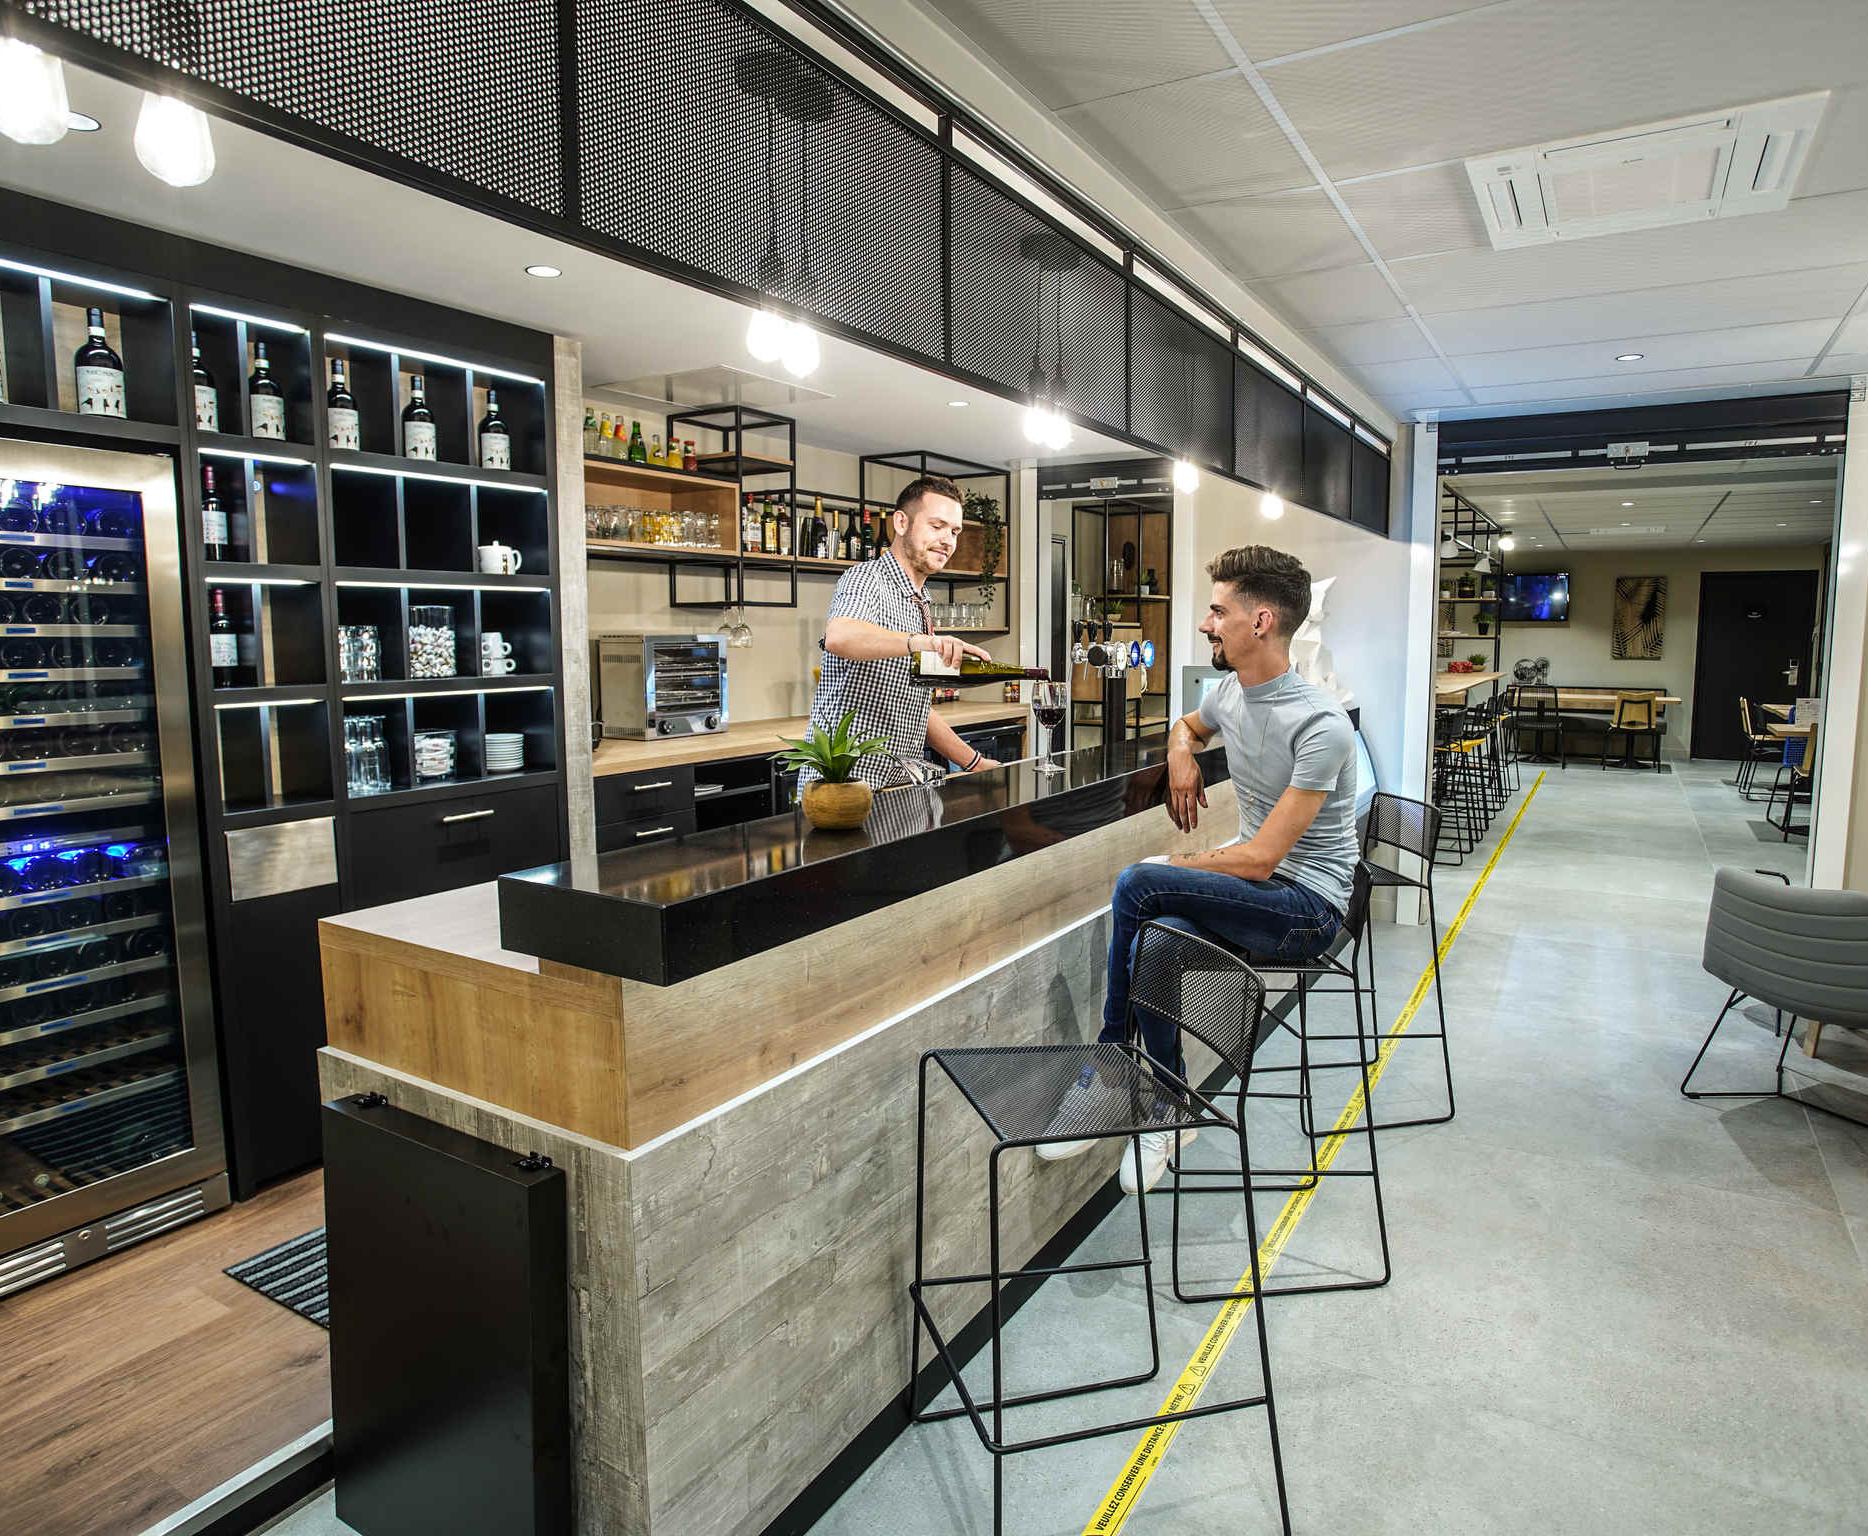 Rénovation et décoration de l'espace bar de l'hôtel Ibis Tours Giraudeau dans un style industriel